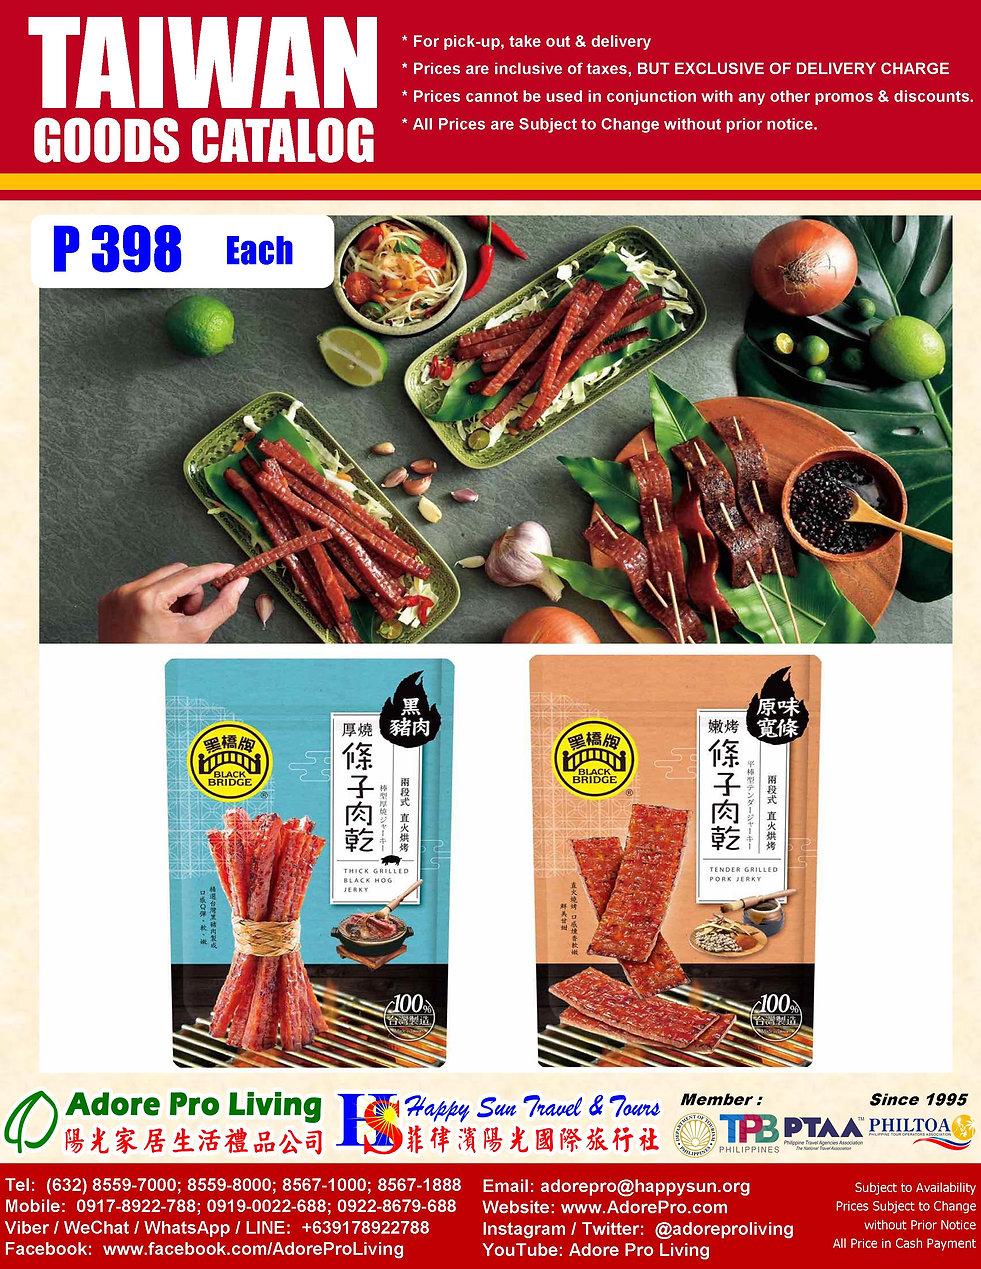 P26_Taiwan Food Catalog_5th Item_2020102